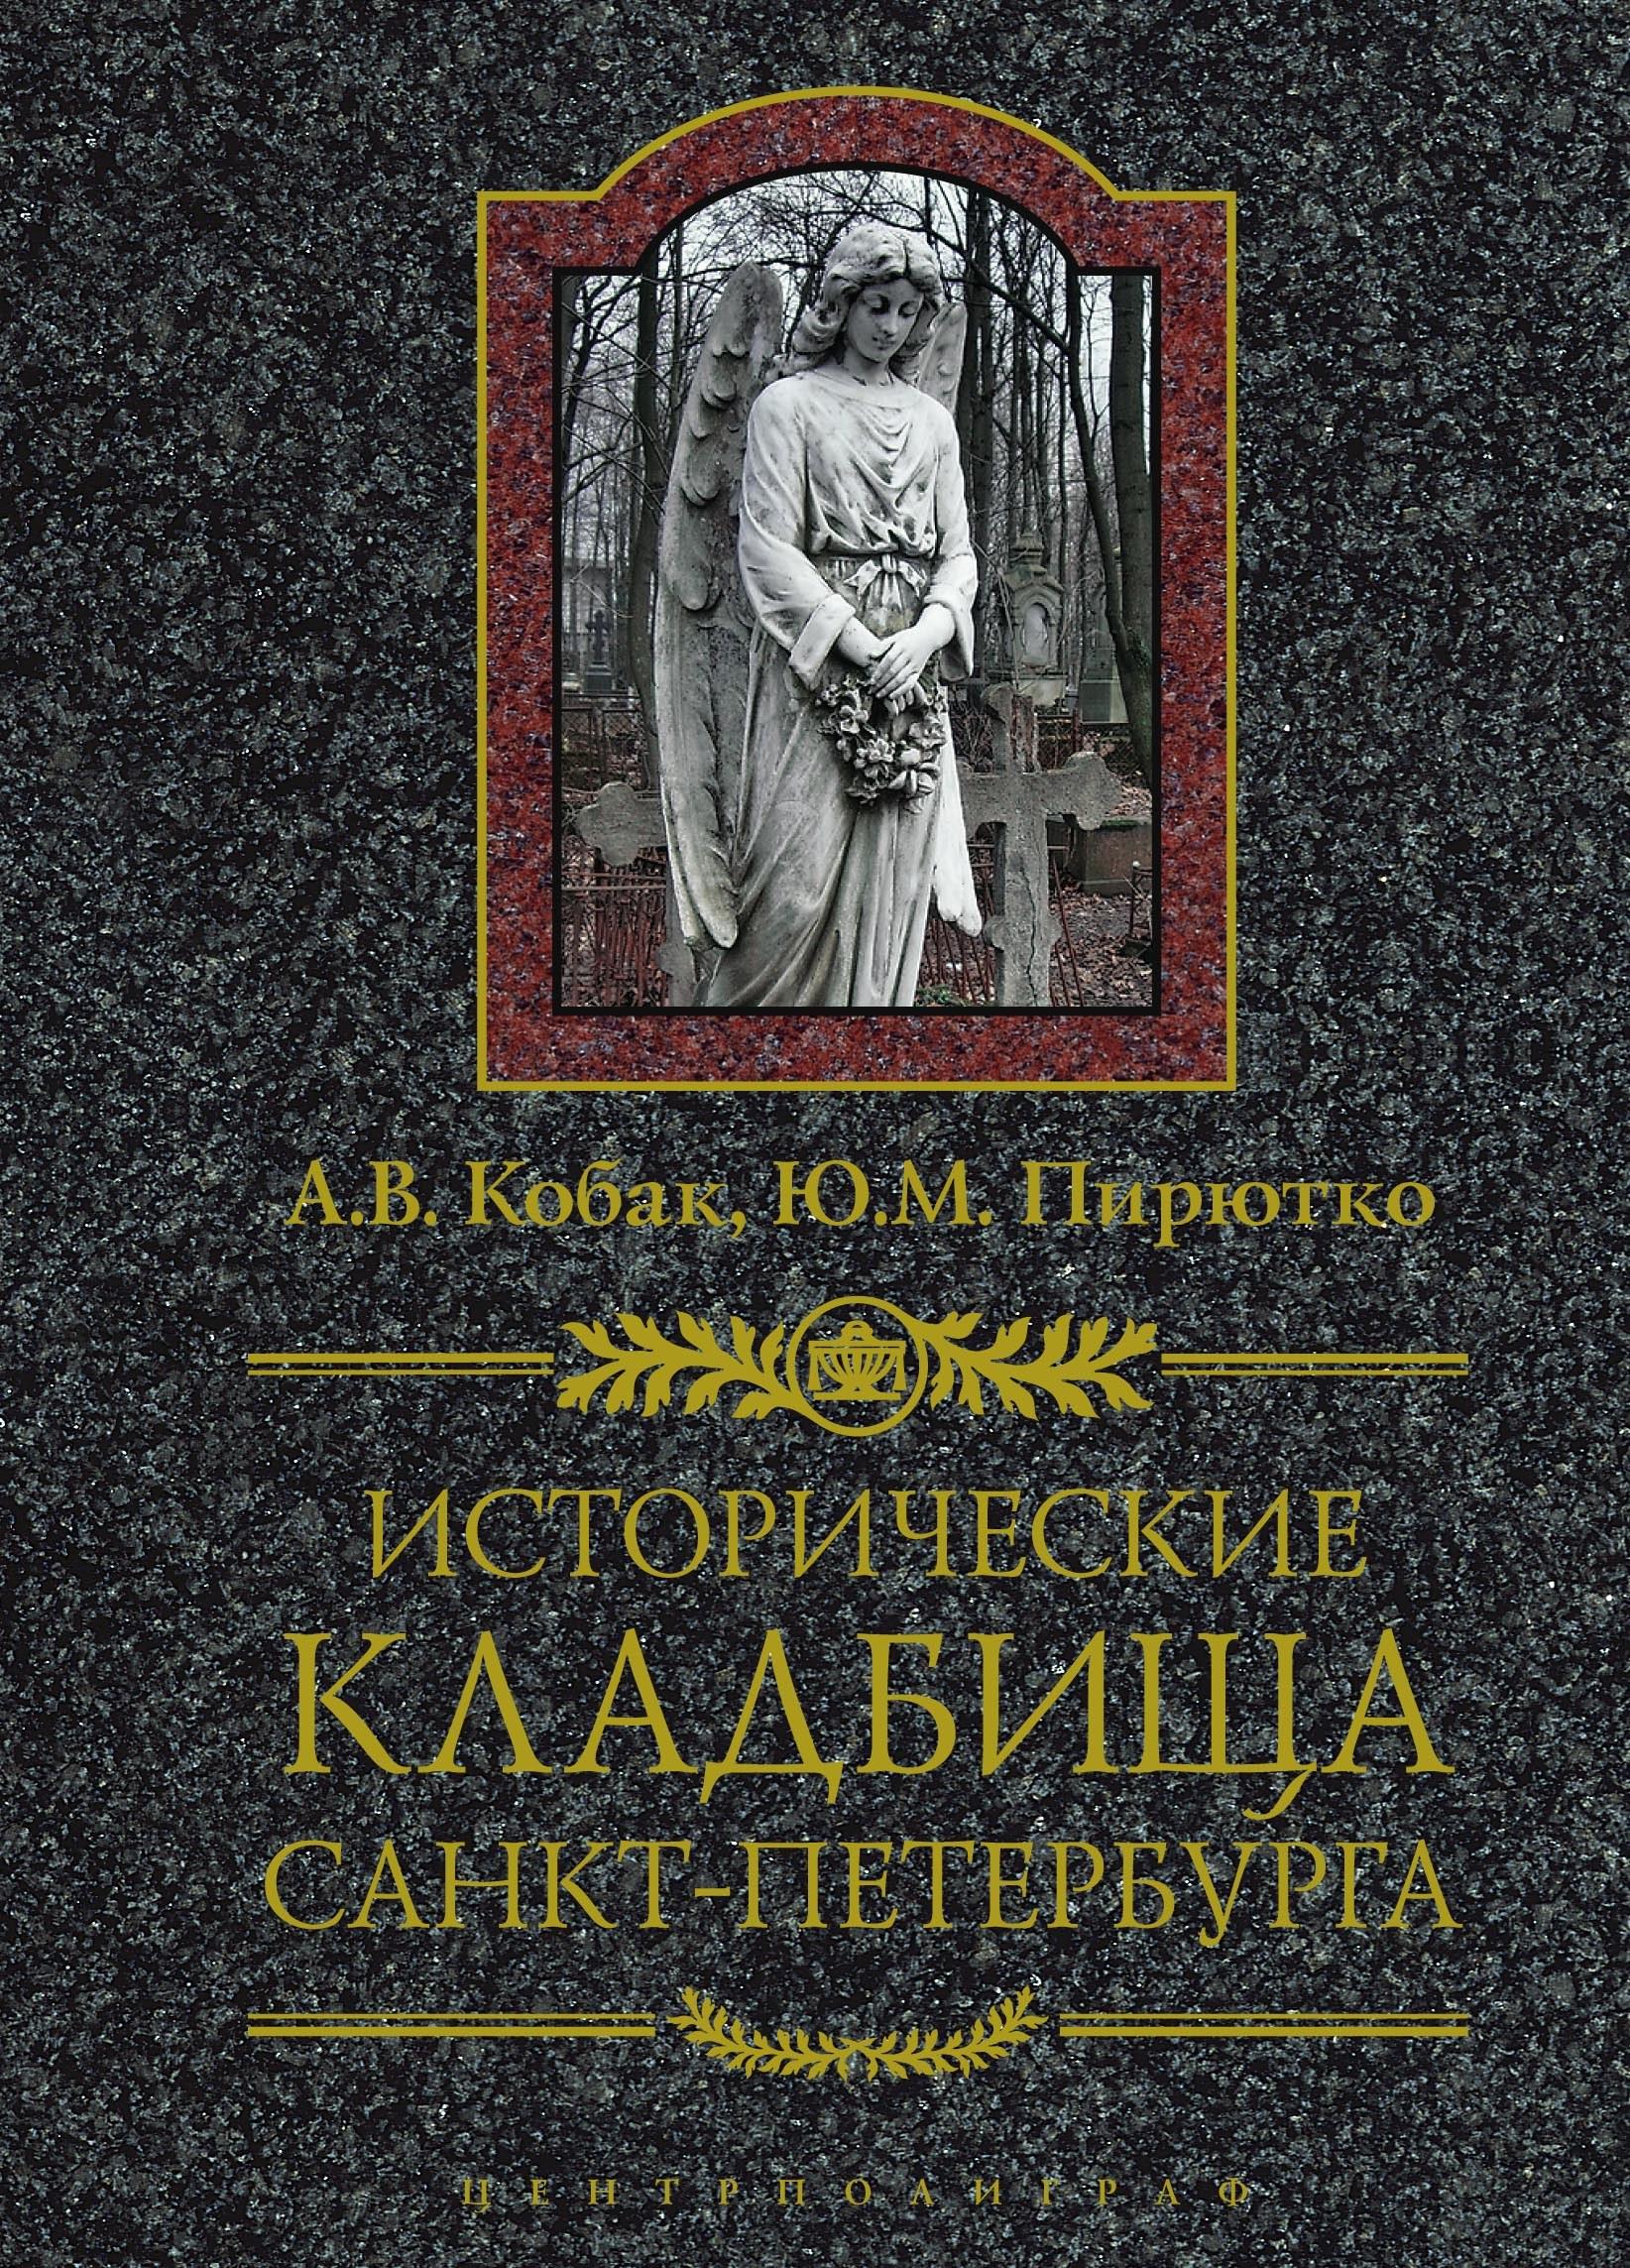 Ю. М. Пирютко Исторические кладбища Санкт-Петербурга а в кобак ю м пирютко исторические кладбища санкт петербурга